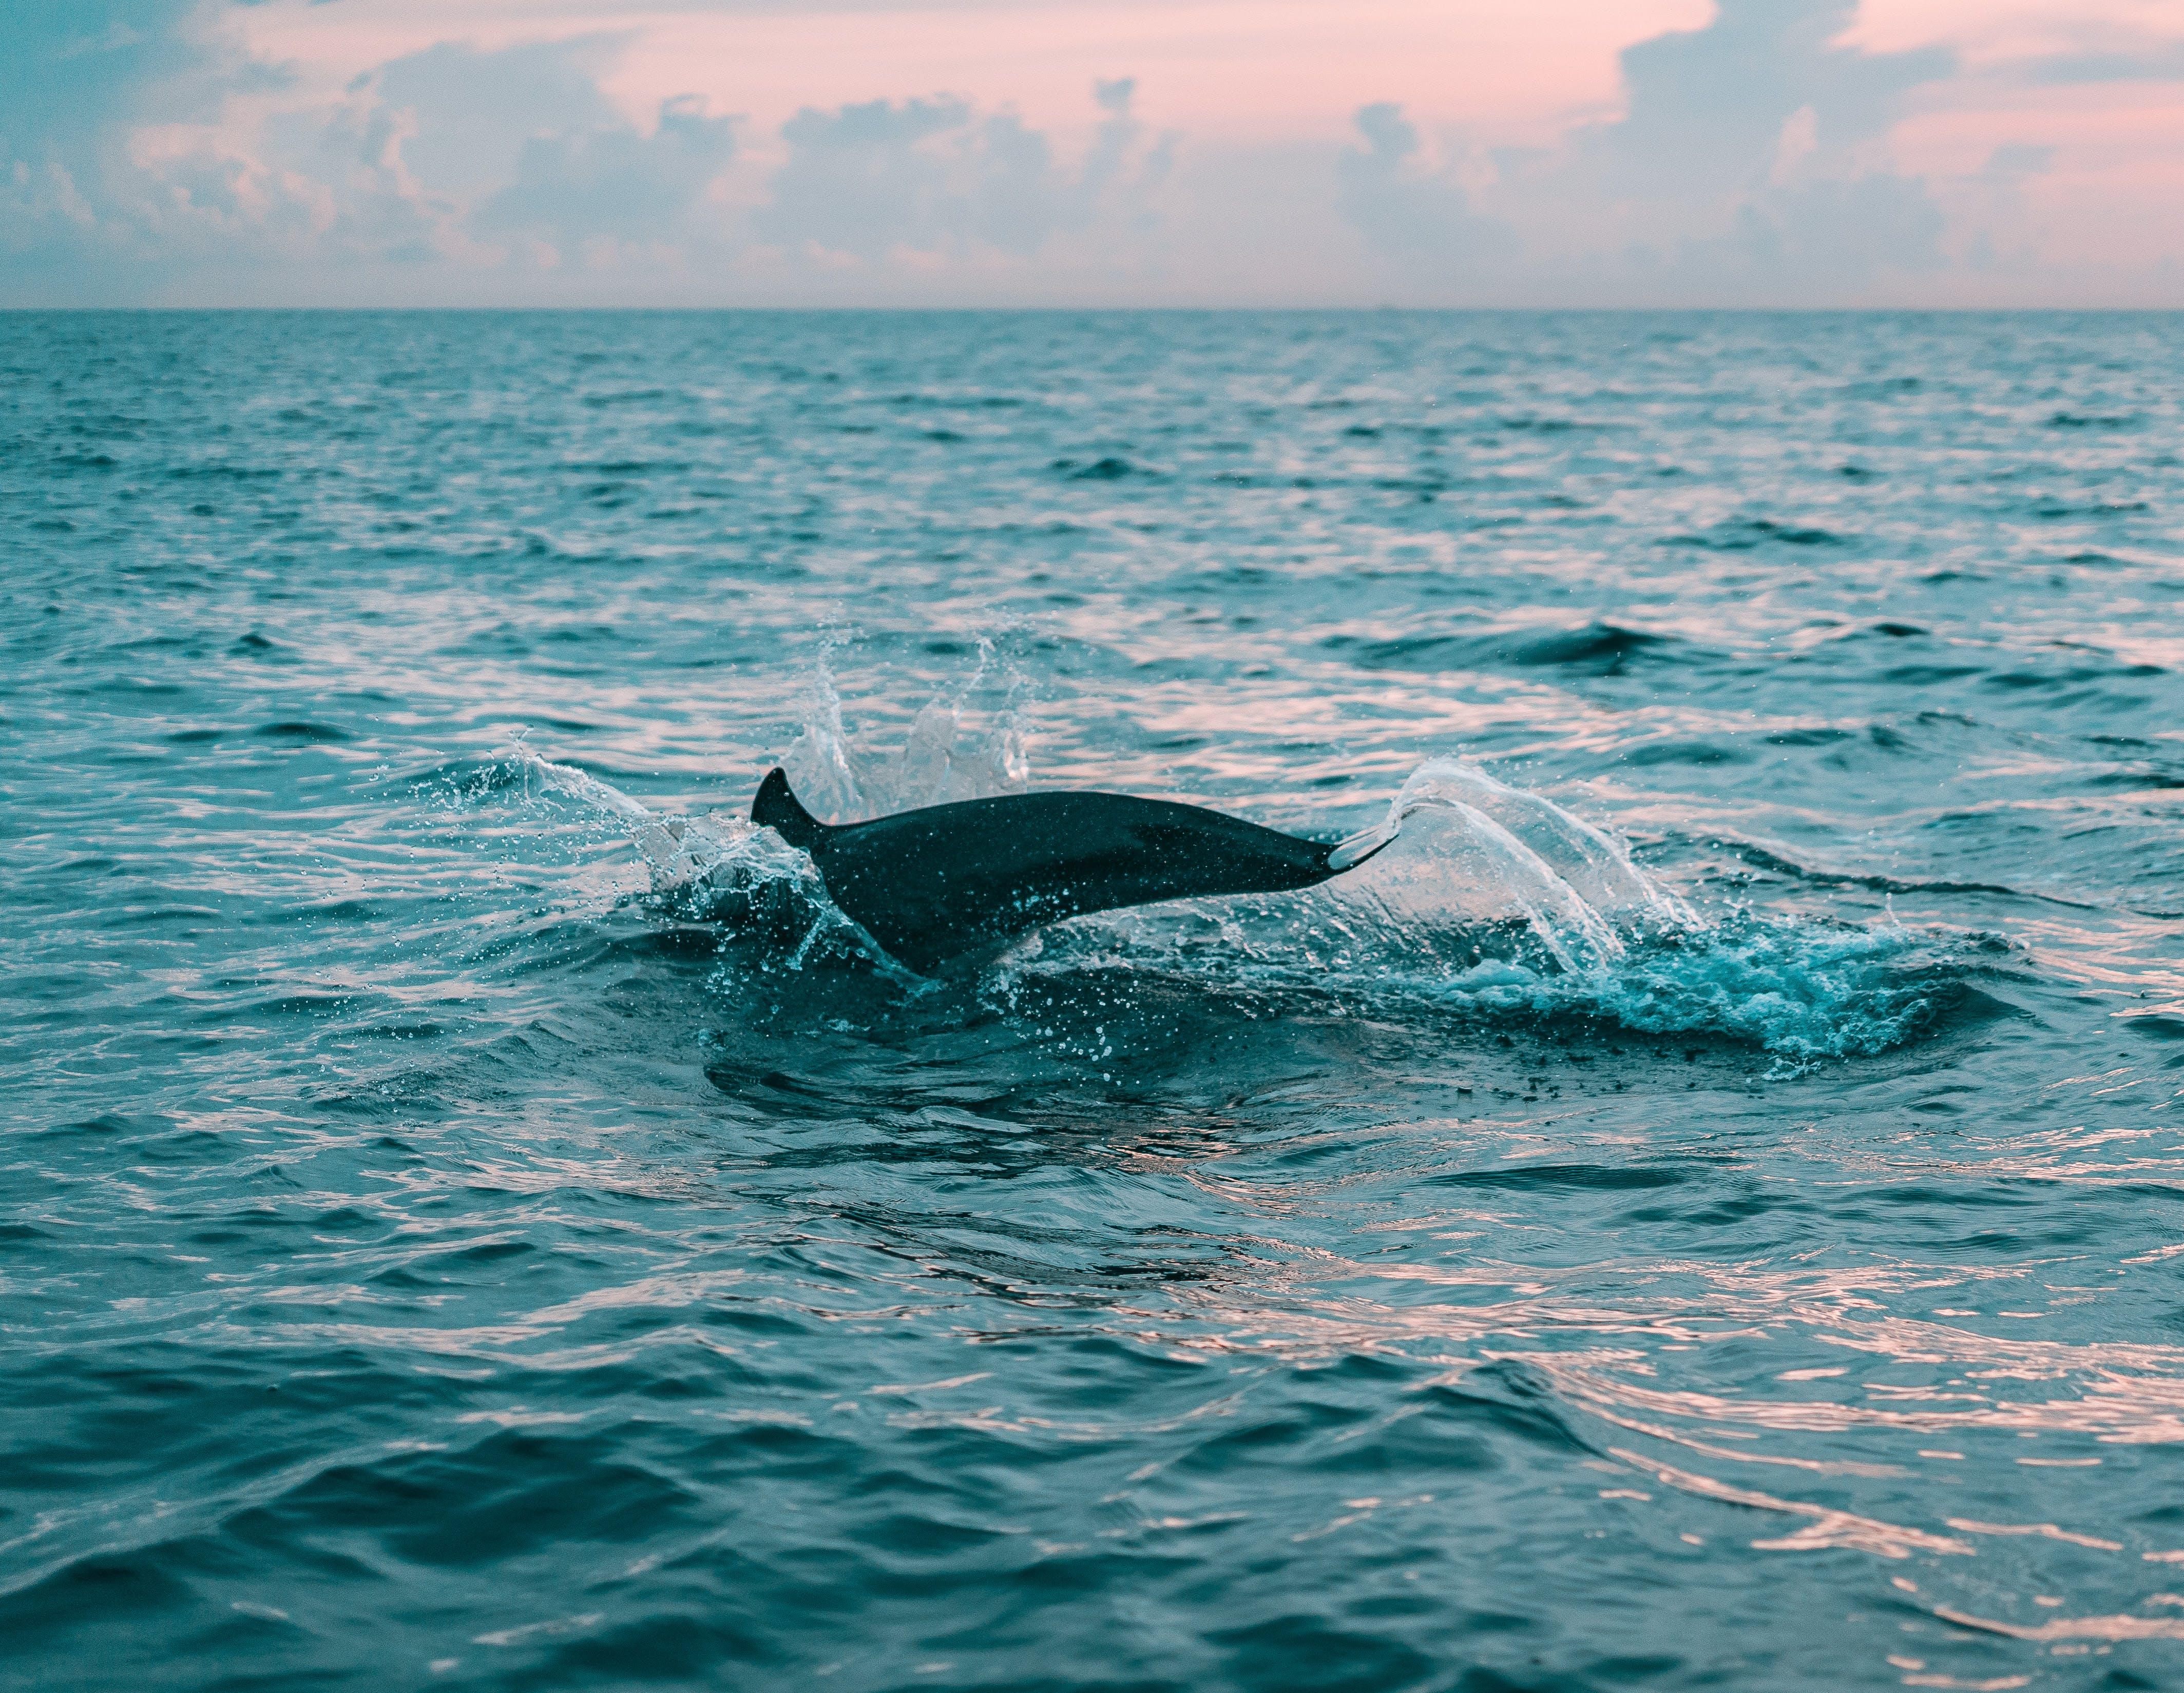 しぶき, イルカ, シースケープ, ダイビングの無料の写真素材